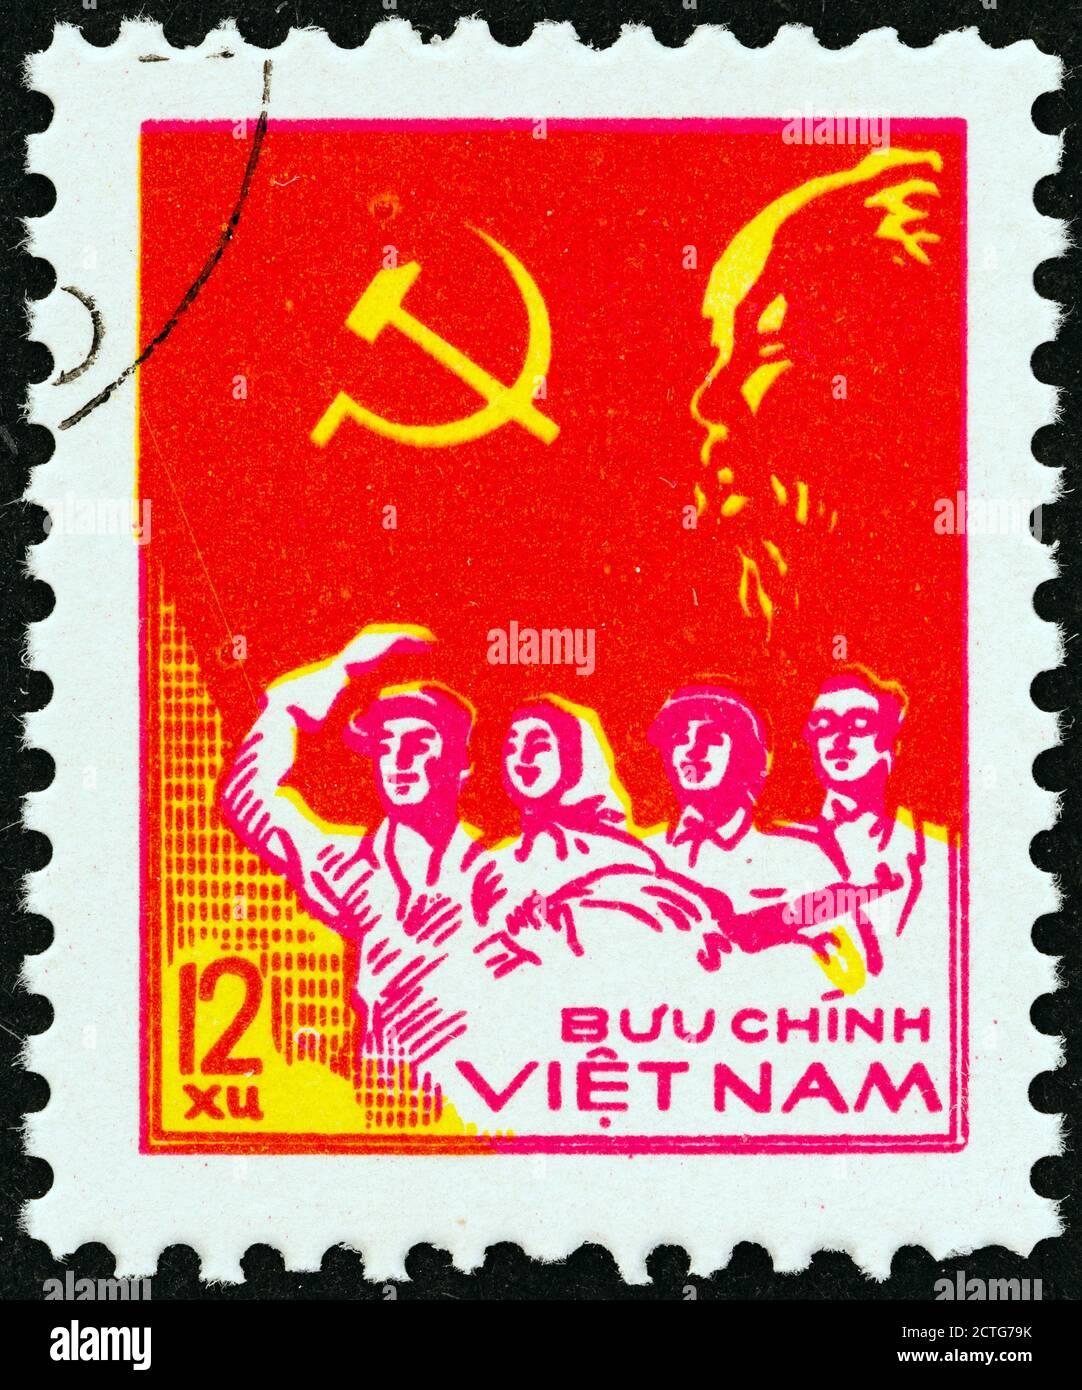 VIETNAM - ALREDEDOR de 1978: Un sello impreso en el norte de Vietnam muestra trabajador, campesino, soldado e intelectual, alrededor de 1978. Foto de stock